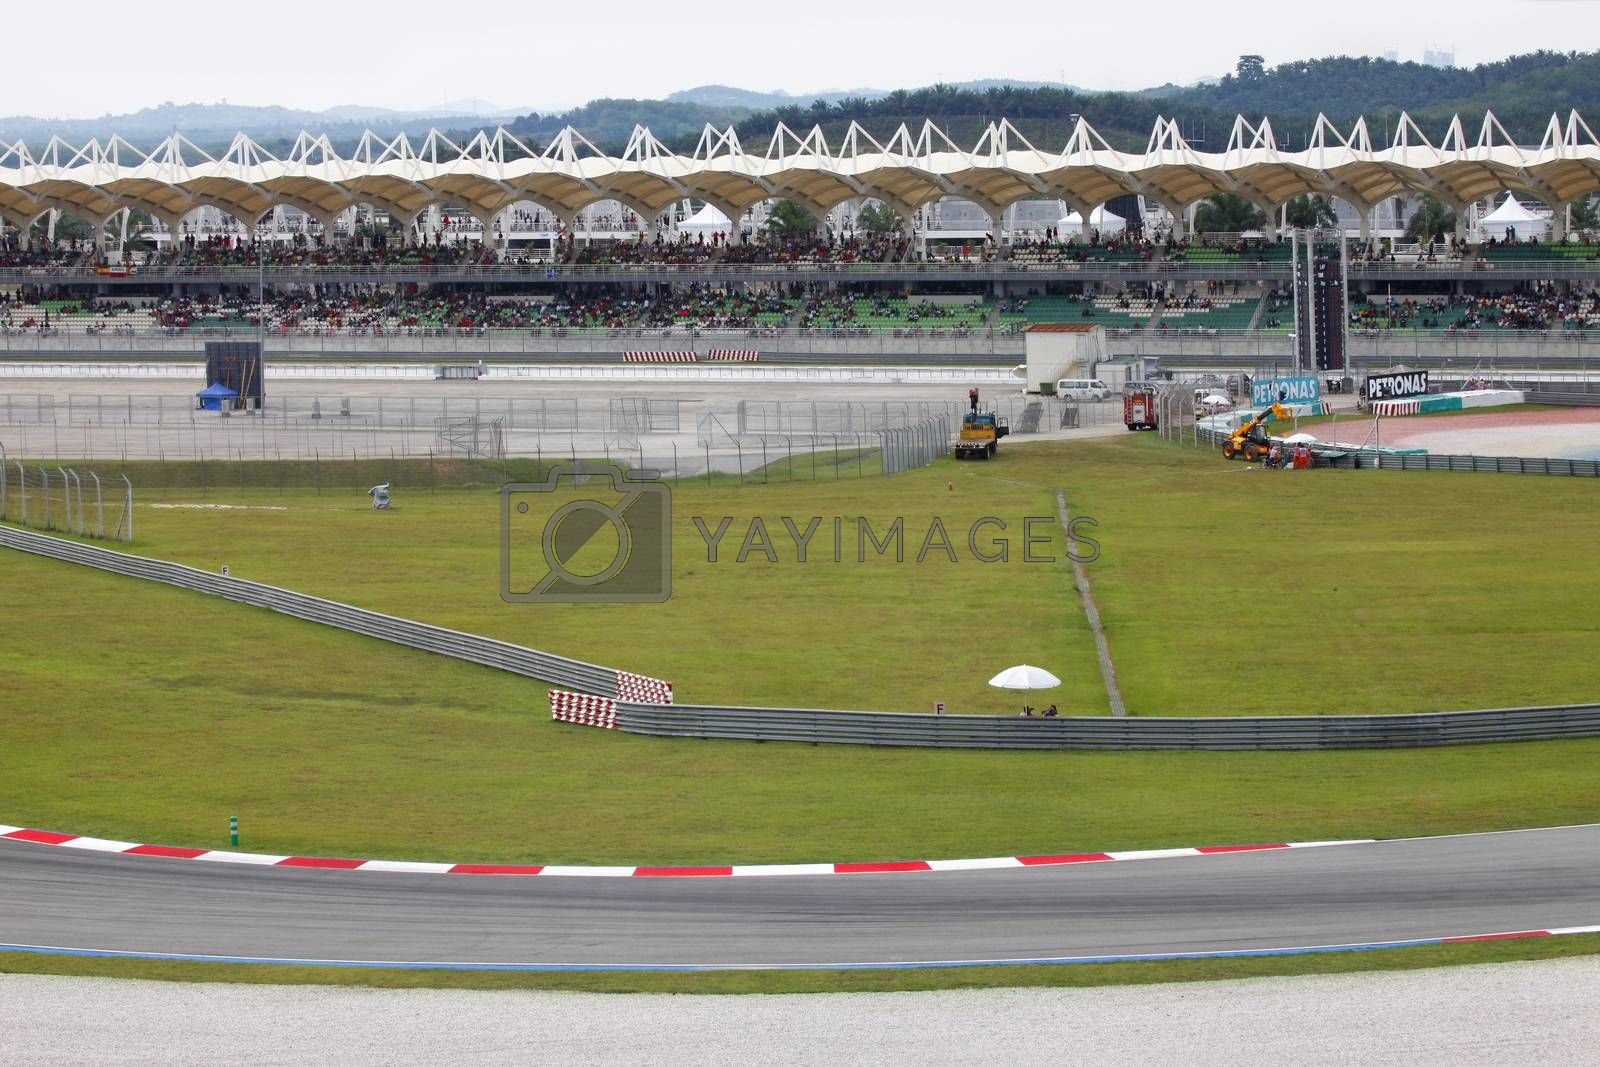 Sepang, Malaysia - April 4, 2010: Stands with people. Malaysian Grand Prix at Sepang F1 first circuit April 4, 2010 in Sepang